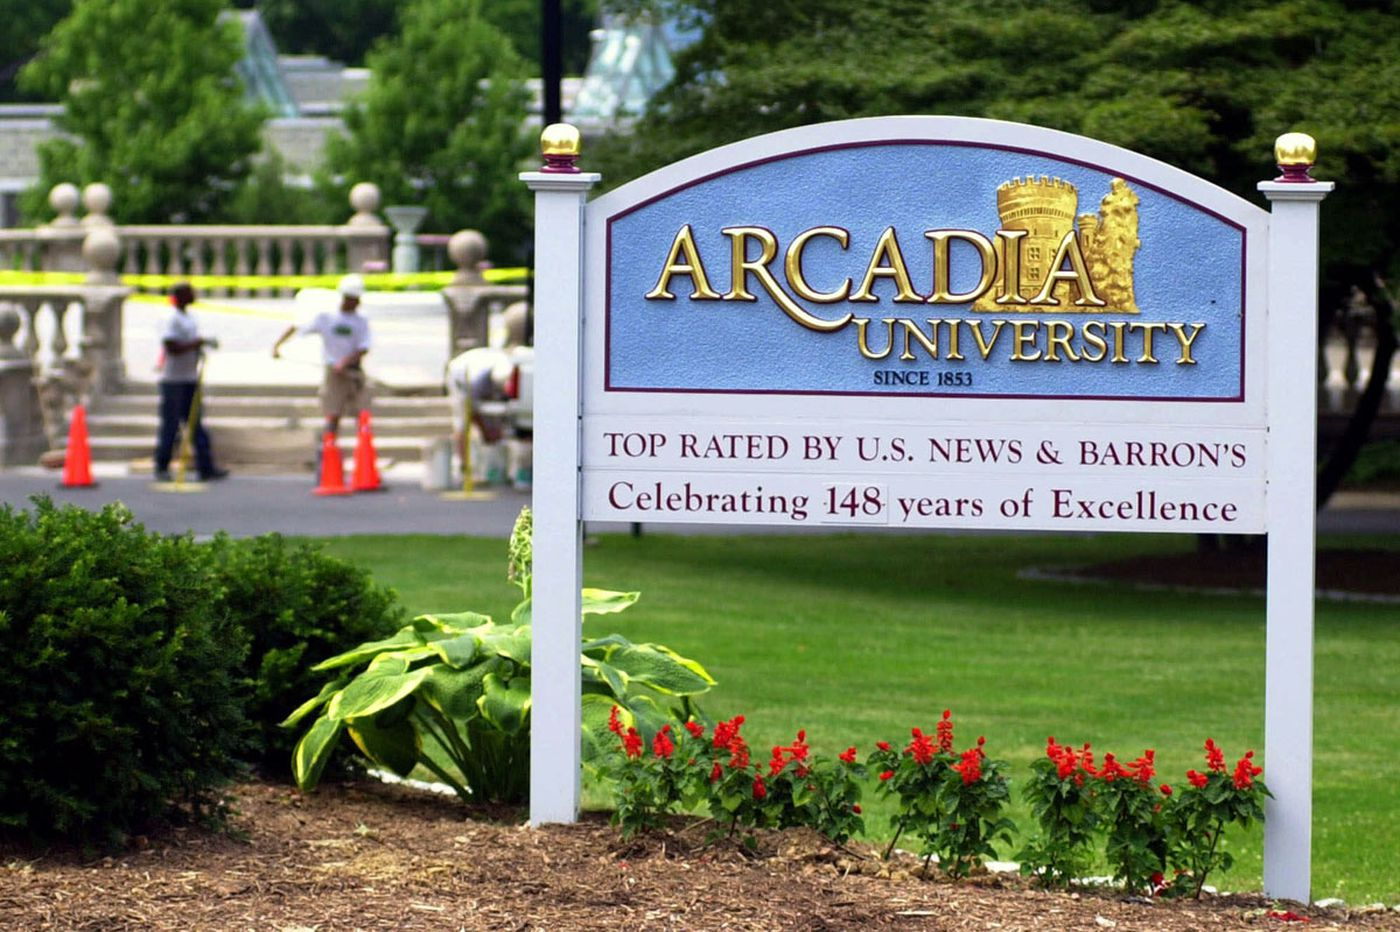 Leadership turnover continues at Arcadia